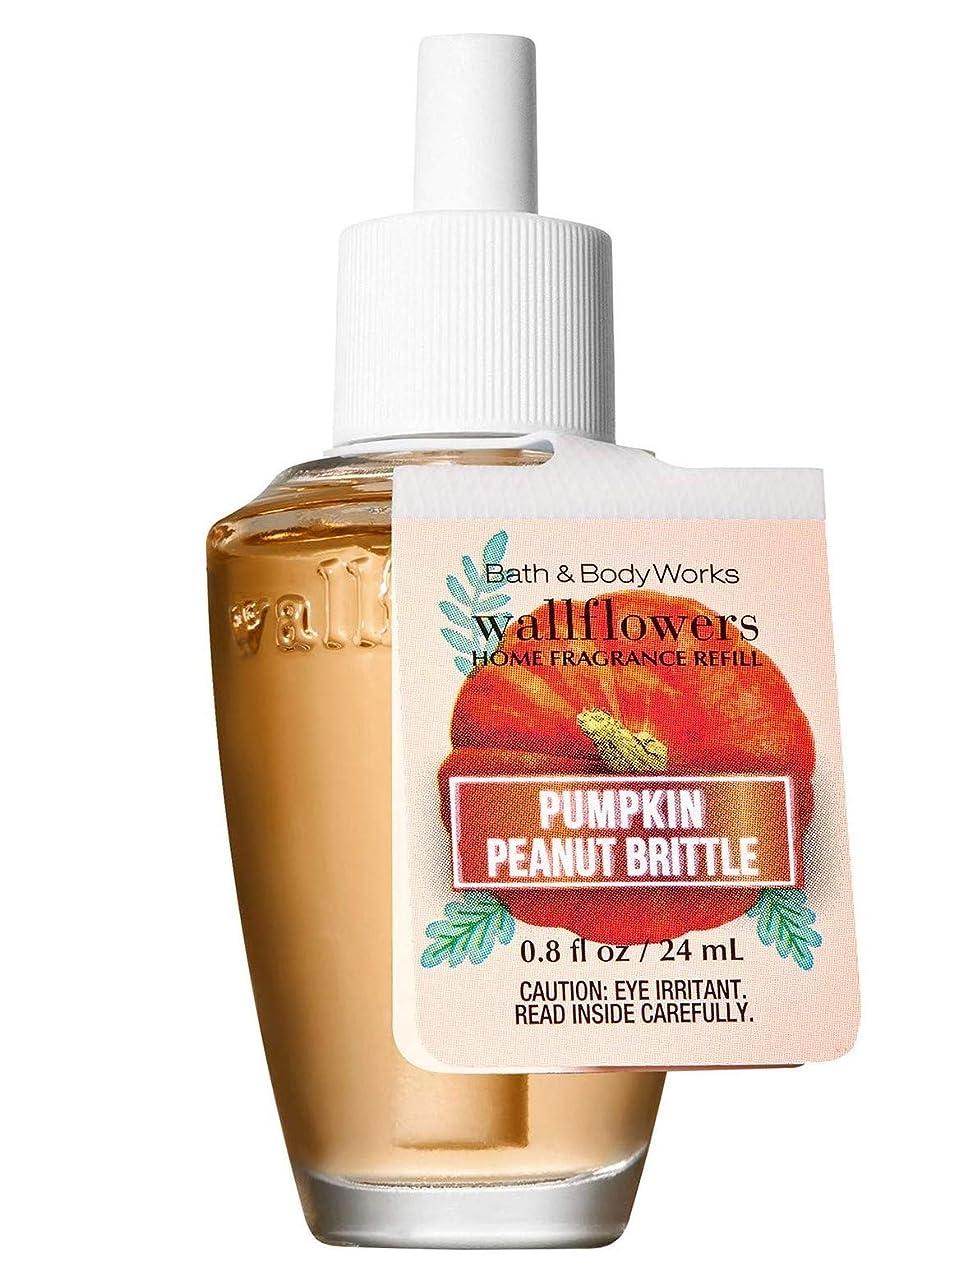 スクラブ第二に士気【Bath&Body Works/バス&ボディワークス】 ルームフレグランス 詰替えリフィル パンプキンピーナッツブリトル Wallflowers Home Fragrance Refill Pumpkin Peanut Brittle [並行輸入品]